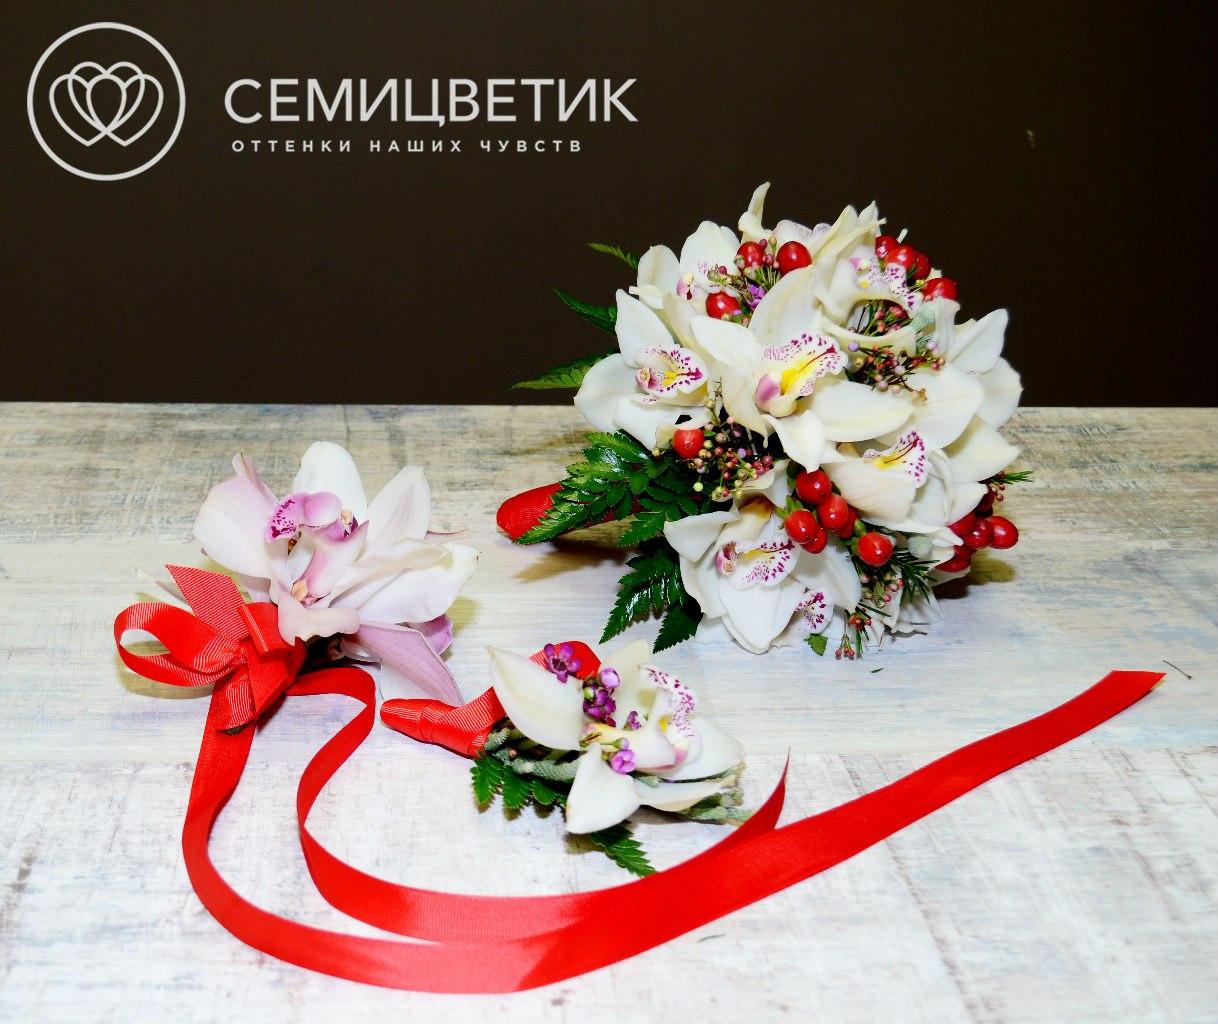 Свадебный букет из орхидеи цимбидиум и хиперикума фото